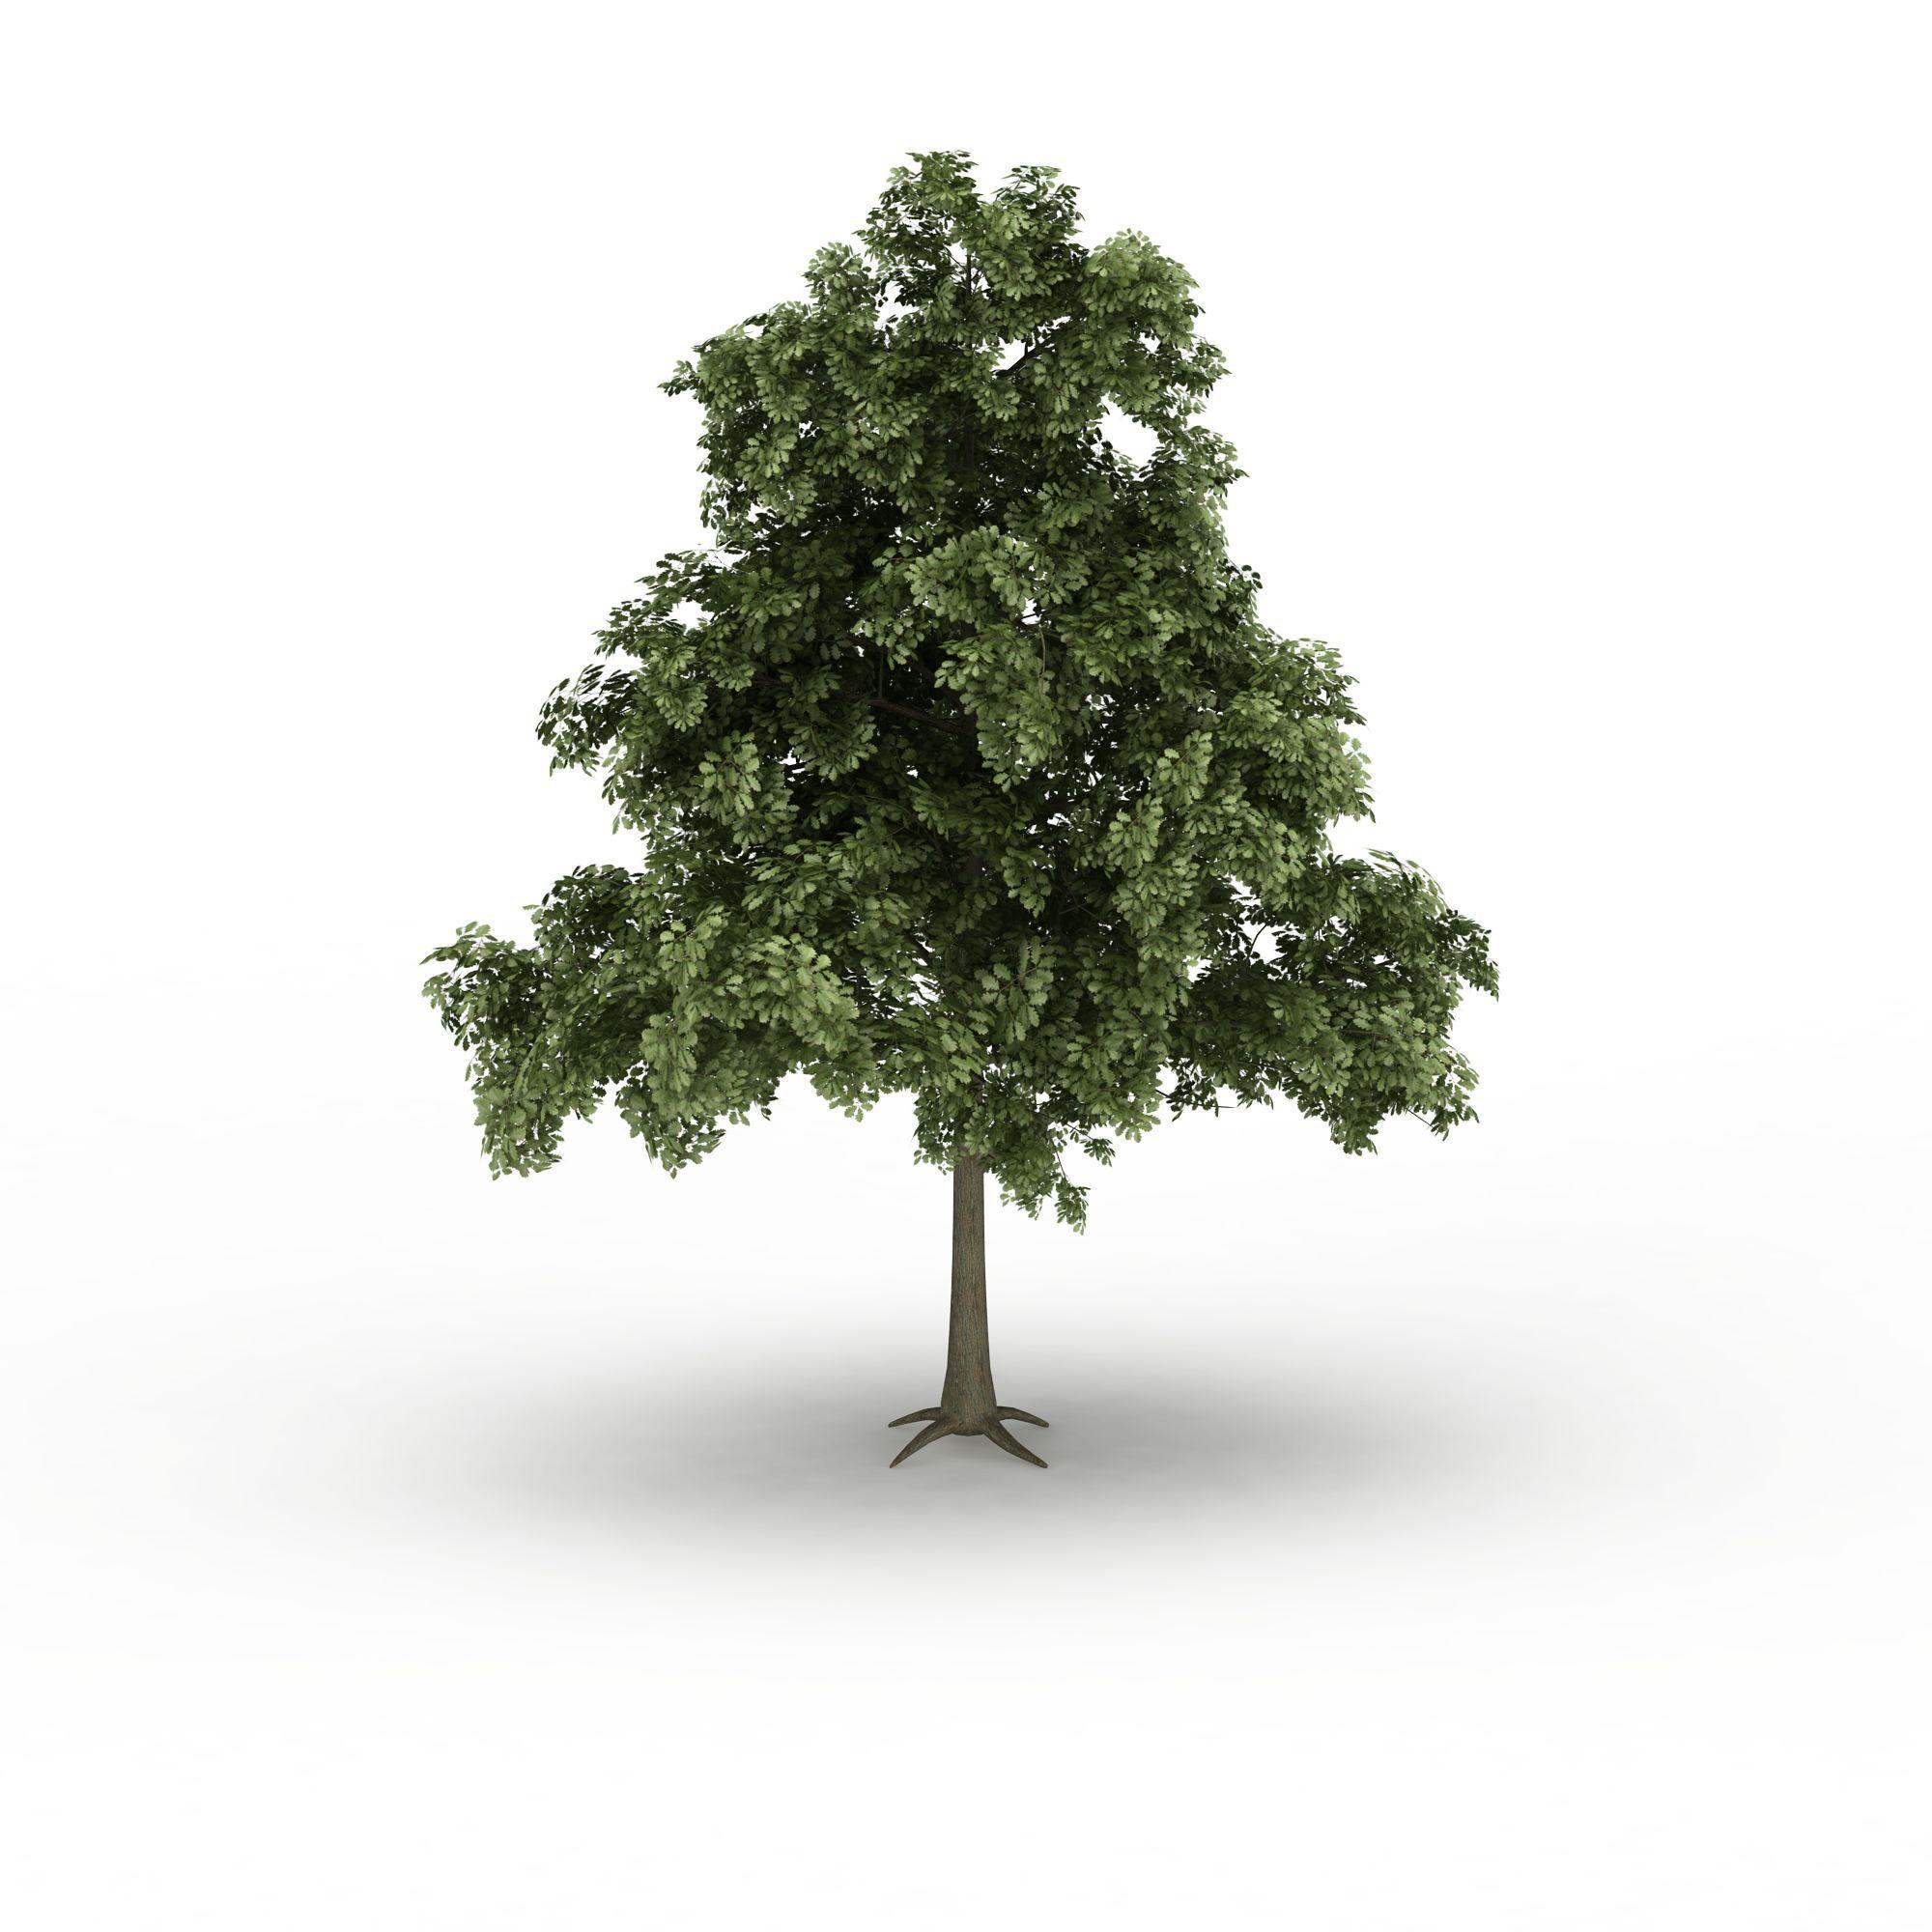 壁纸 盆景 盆栽 树 植物 2000_2000